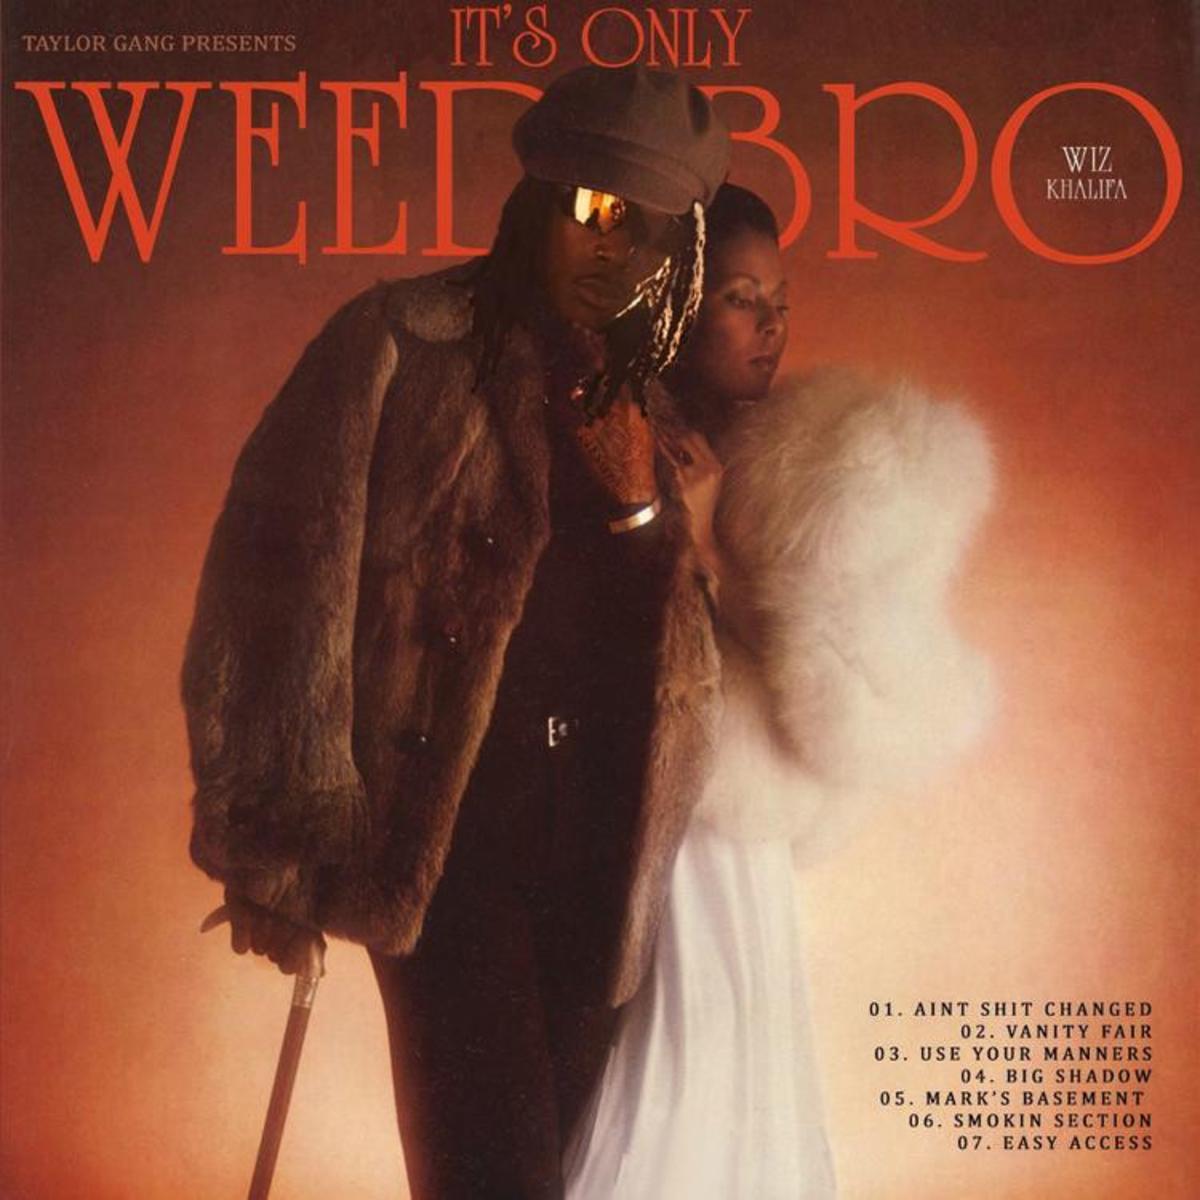 DOWNLOAD ZIP Wiz Khalifa - It's Only Weed Bro EP